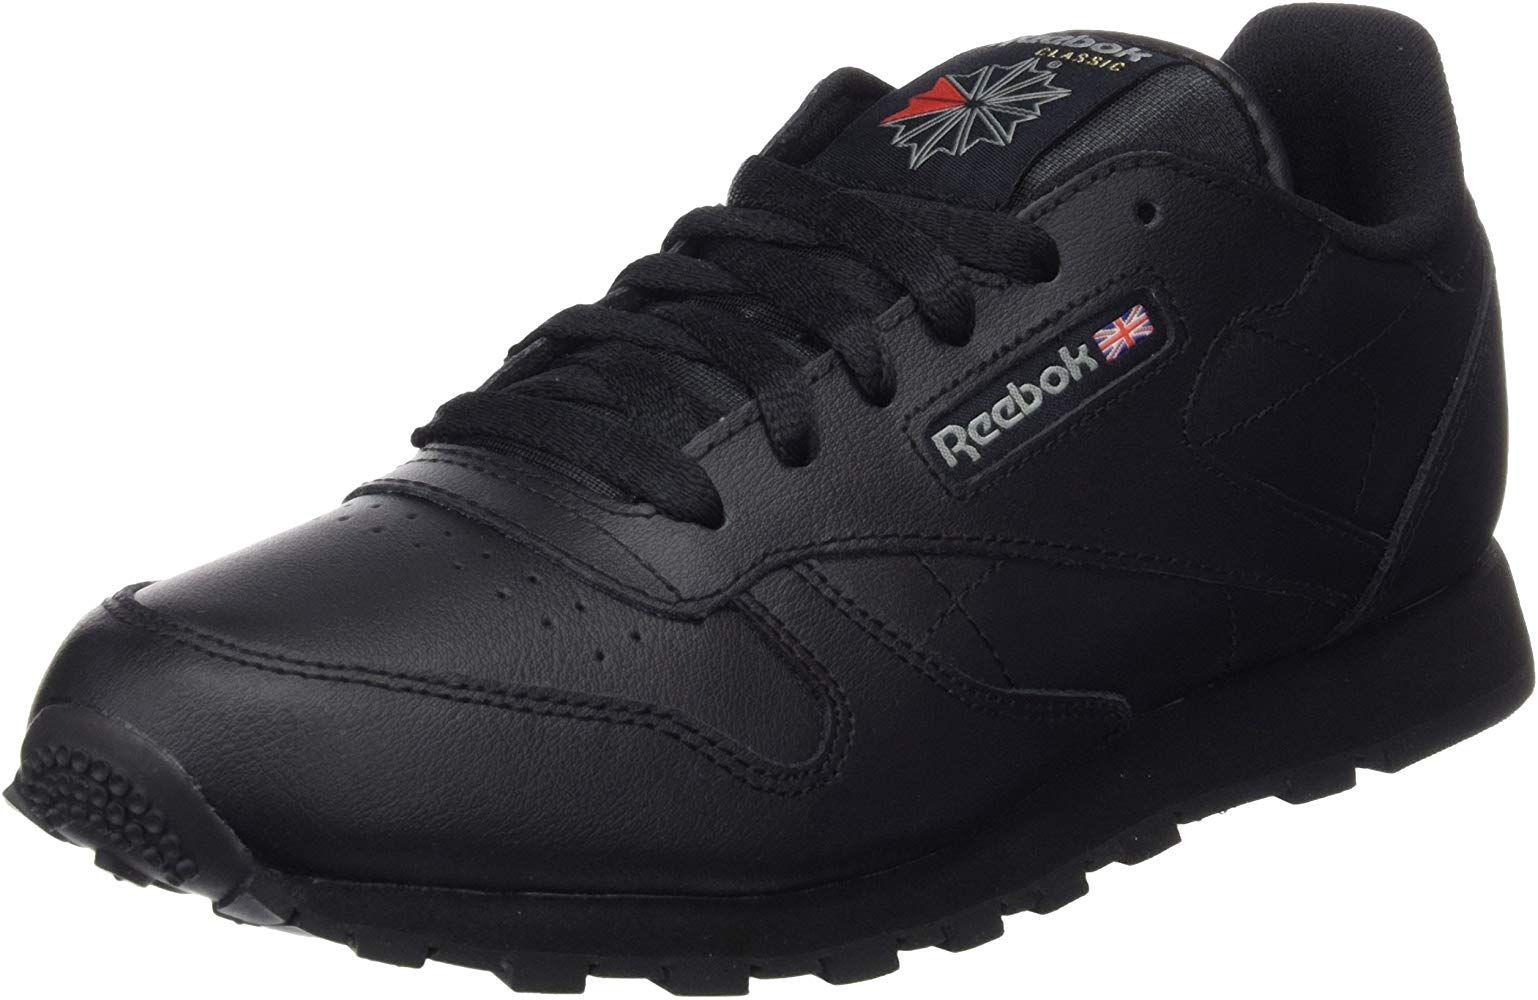 Chaussures pour enfants Reebok Classic Leather - Noir, Taille 29